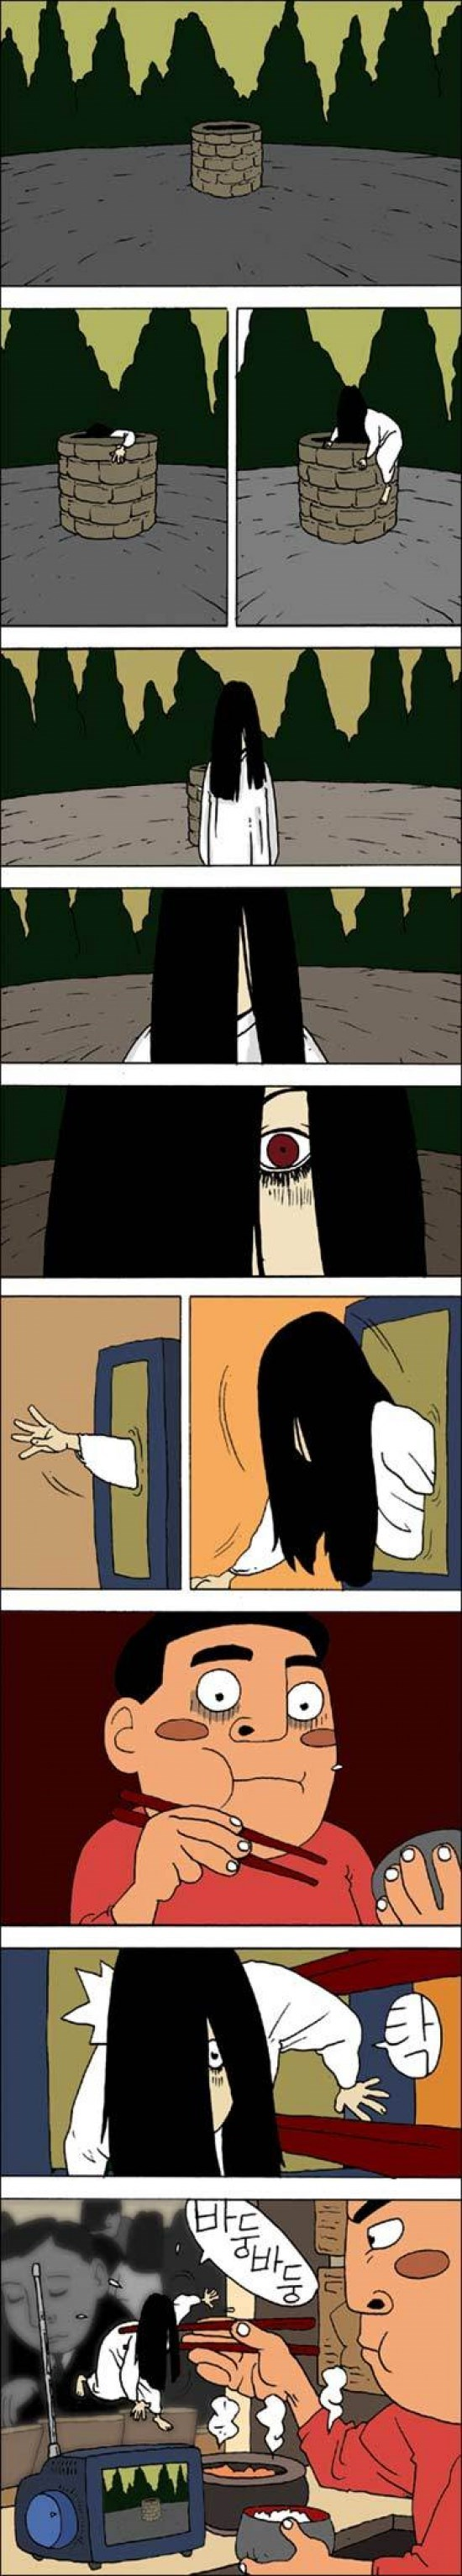 terror de la chica del pozo en un comic coreano